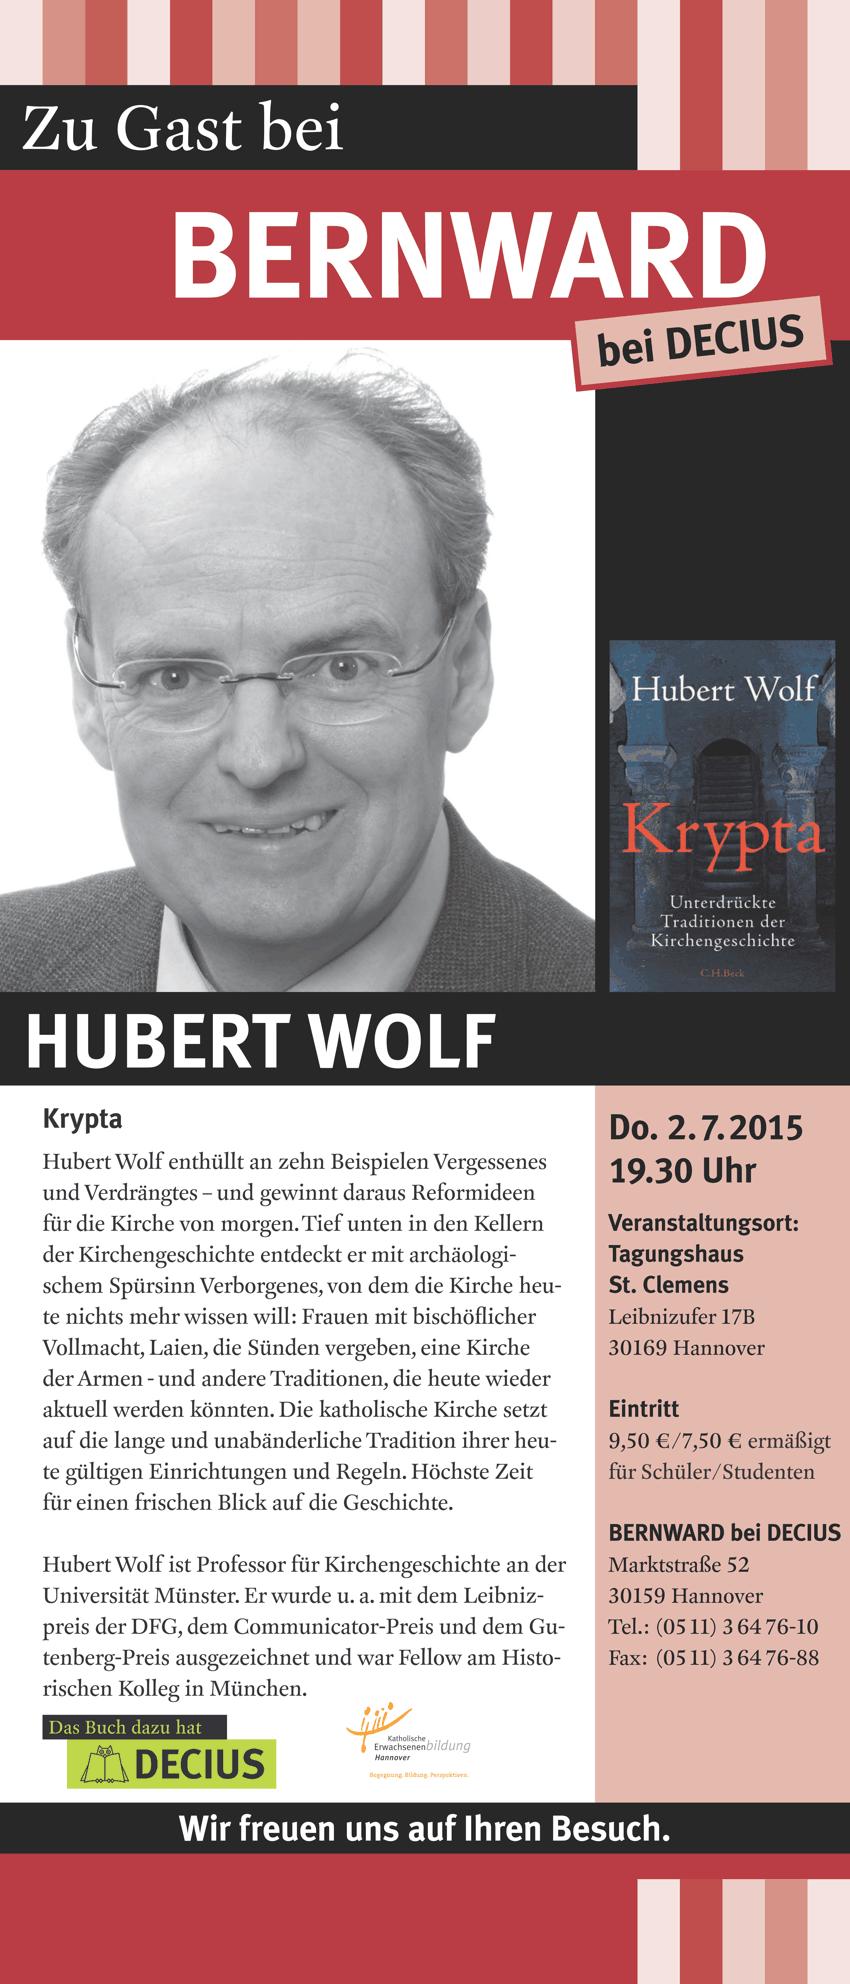 HubertWolf